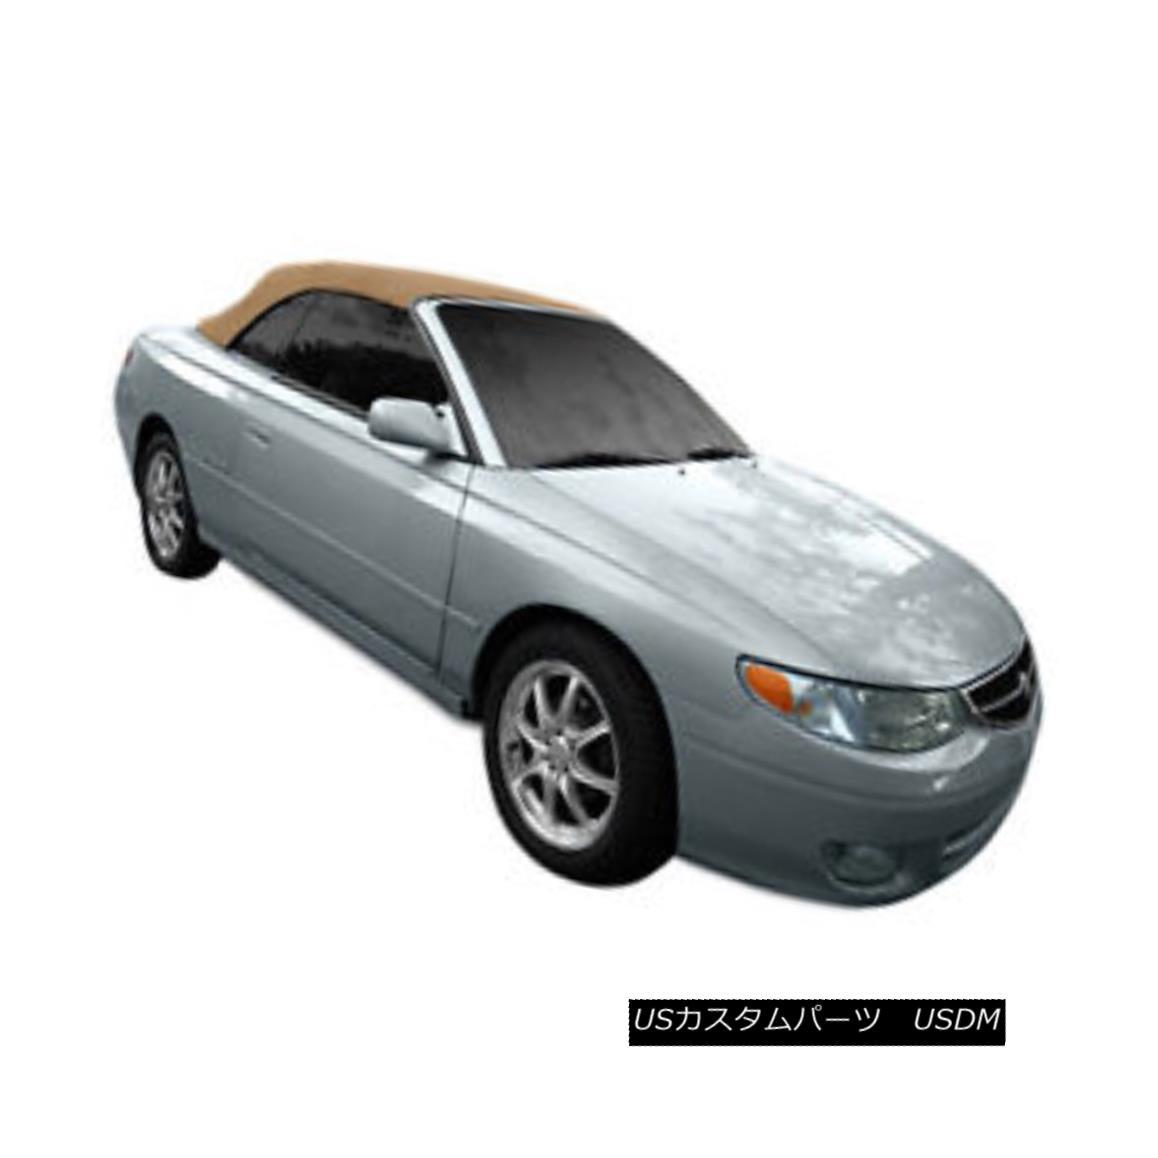 幌・ソフトトップ Toyota Solara Convertible Soft Top With Heated Glass Window 1999-2003 Tan Cloth 暖かいガラスの窓付きトヨタソーララコンバーチブルソフトトップ1999-2003 Tan Cloth